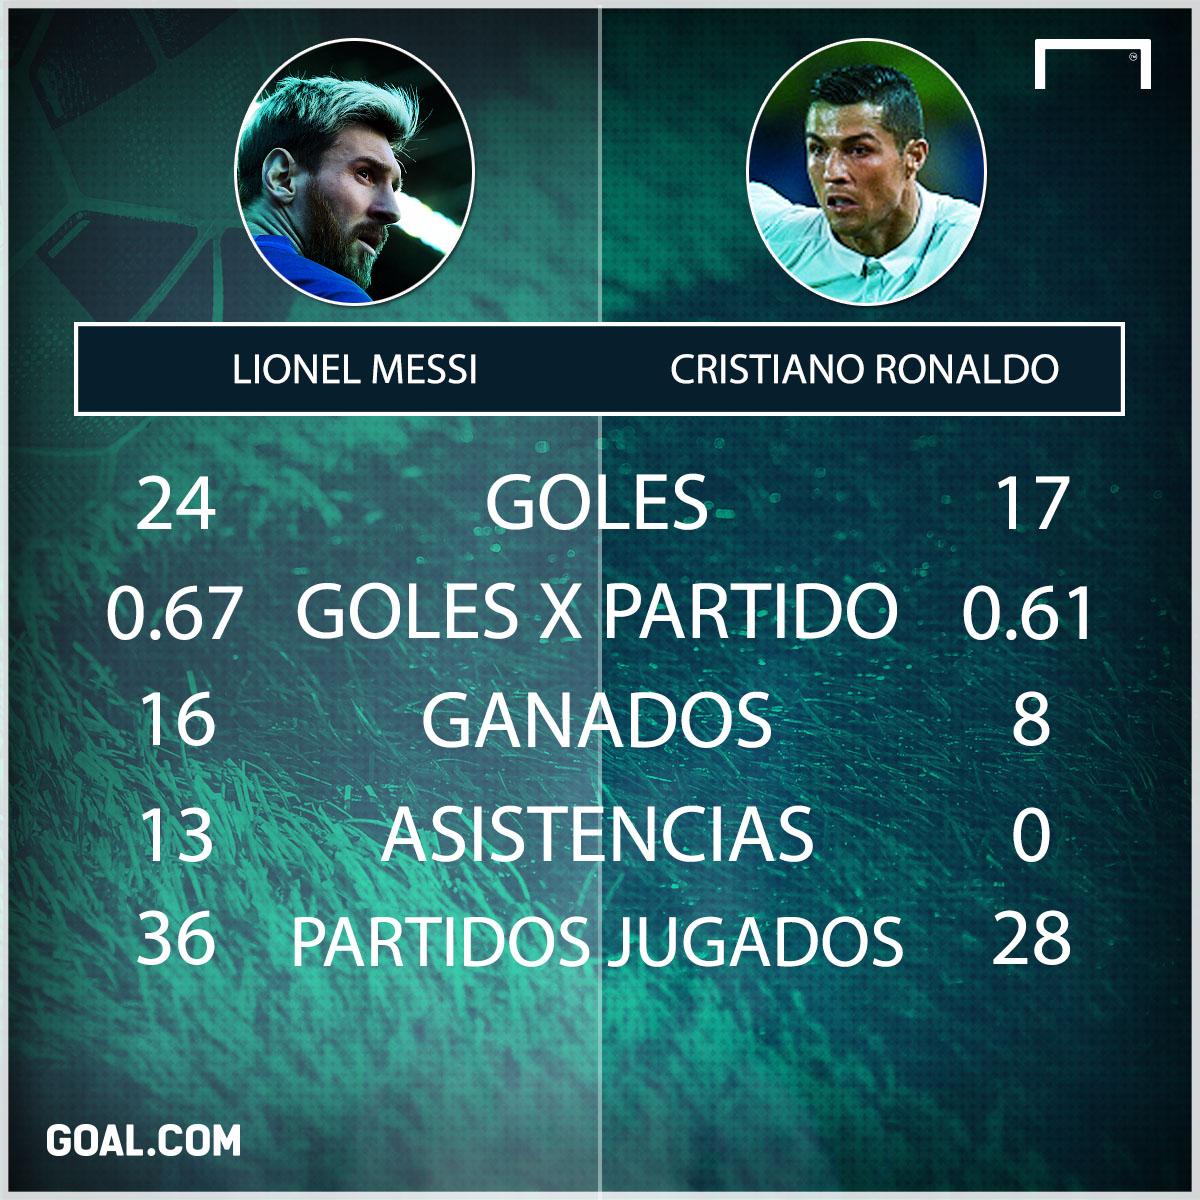 CR7 vs. Messi 5